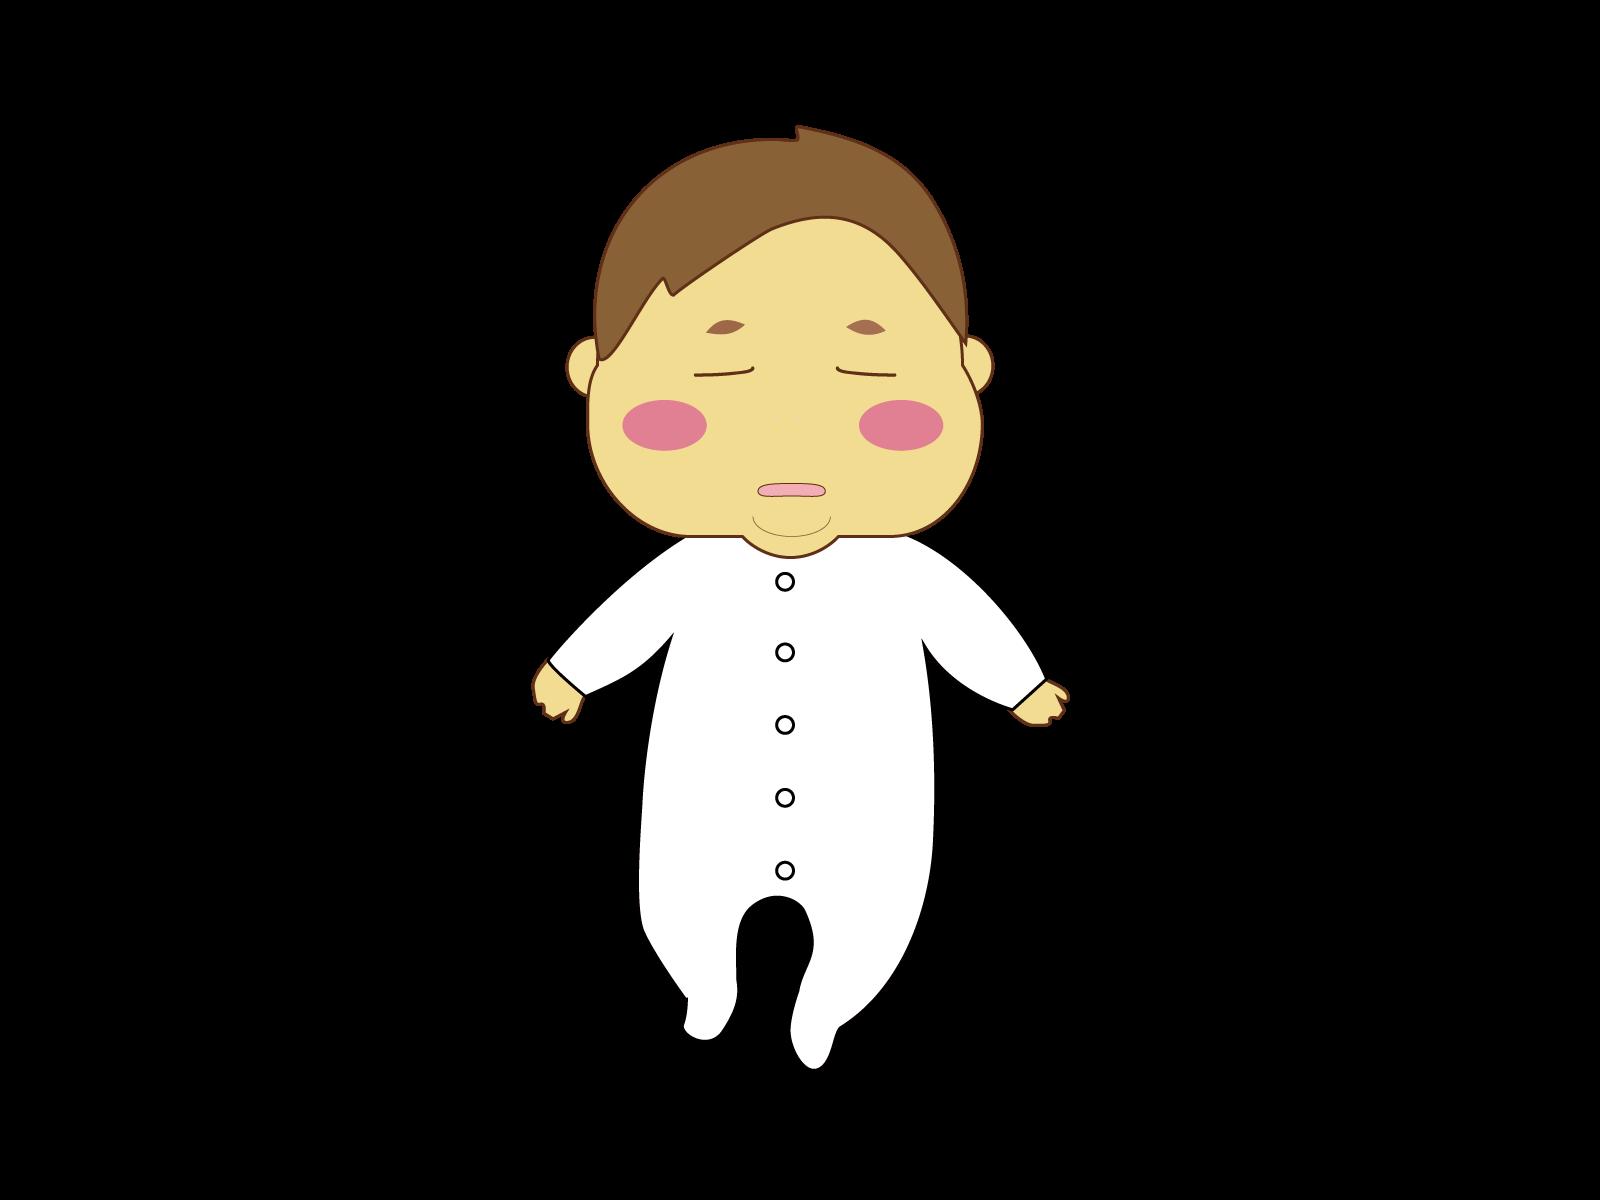 新生児期の光線療法は、その後のアレルギー疾患発症リスクになるか?